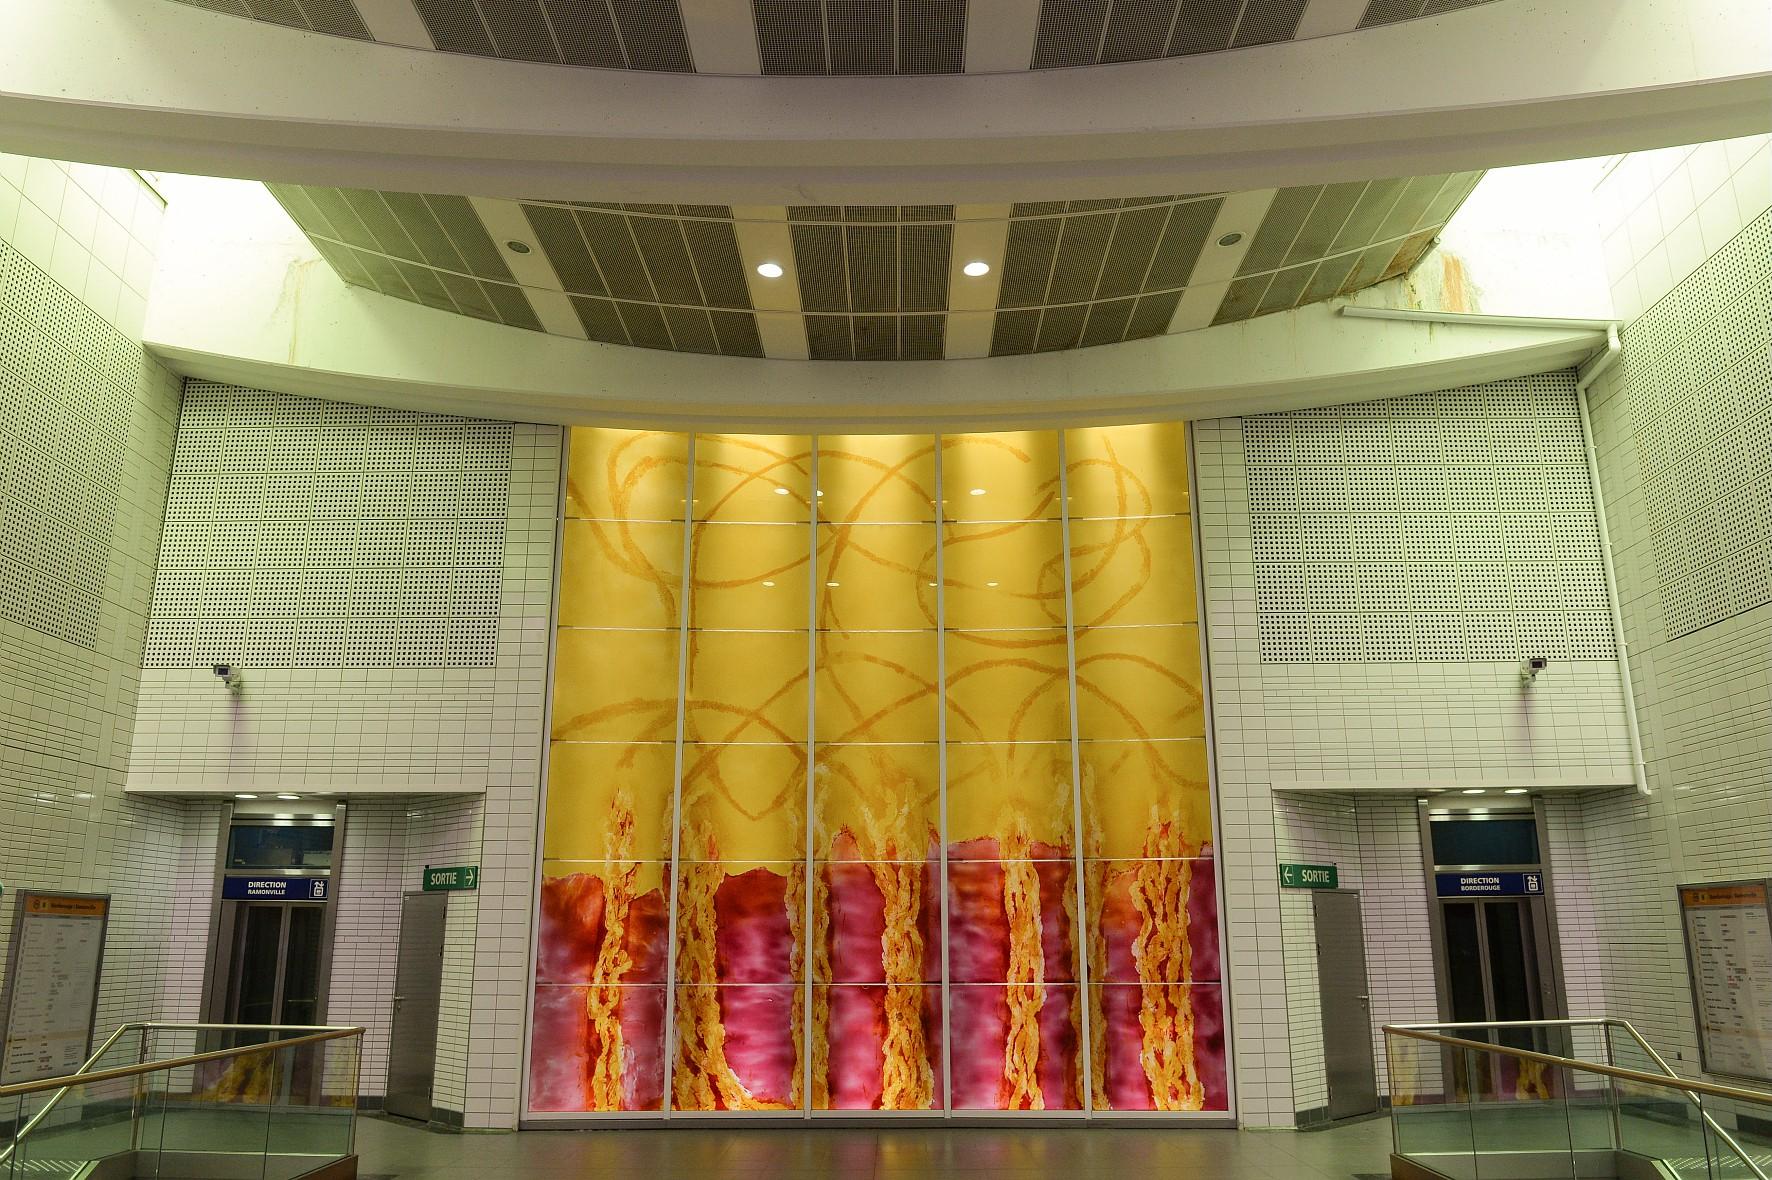 oeuvre d'art à la station Saouzelong du métro de toulouse Chaque station de métro a été conçue par un cabinet d'architecture différent.